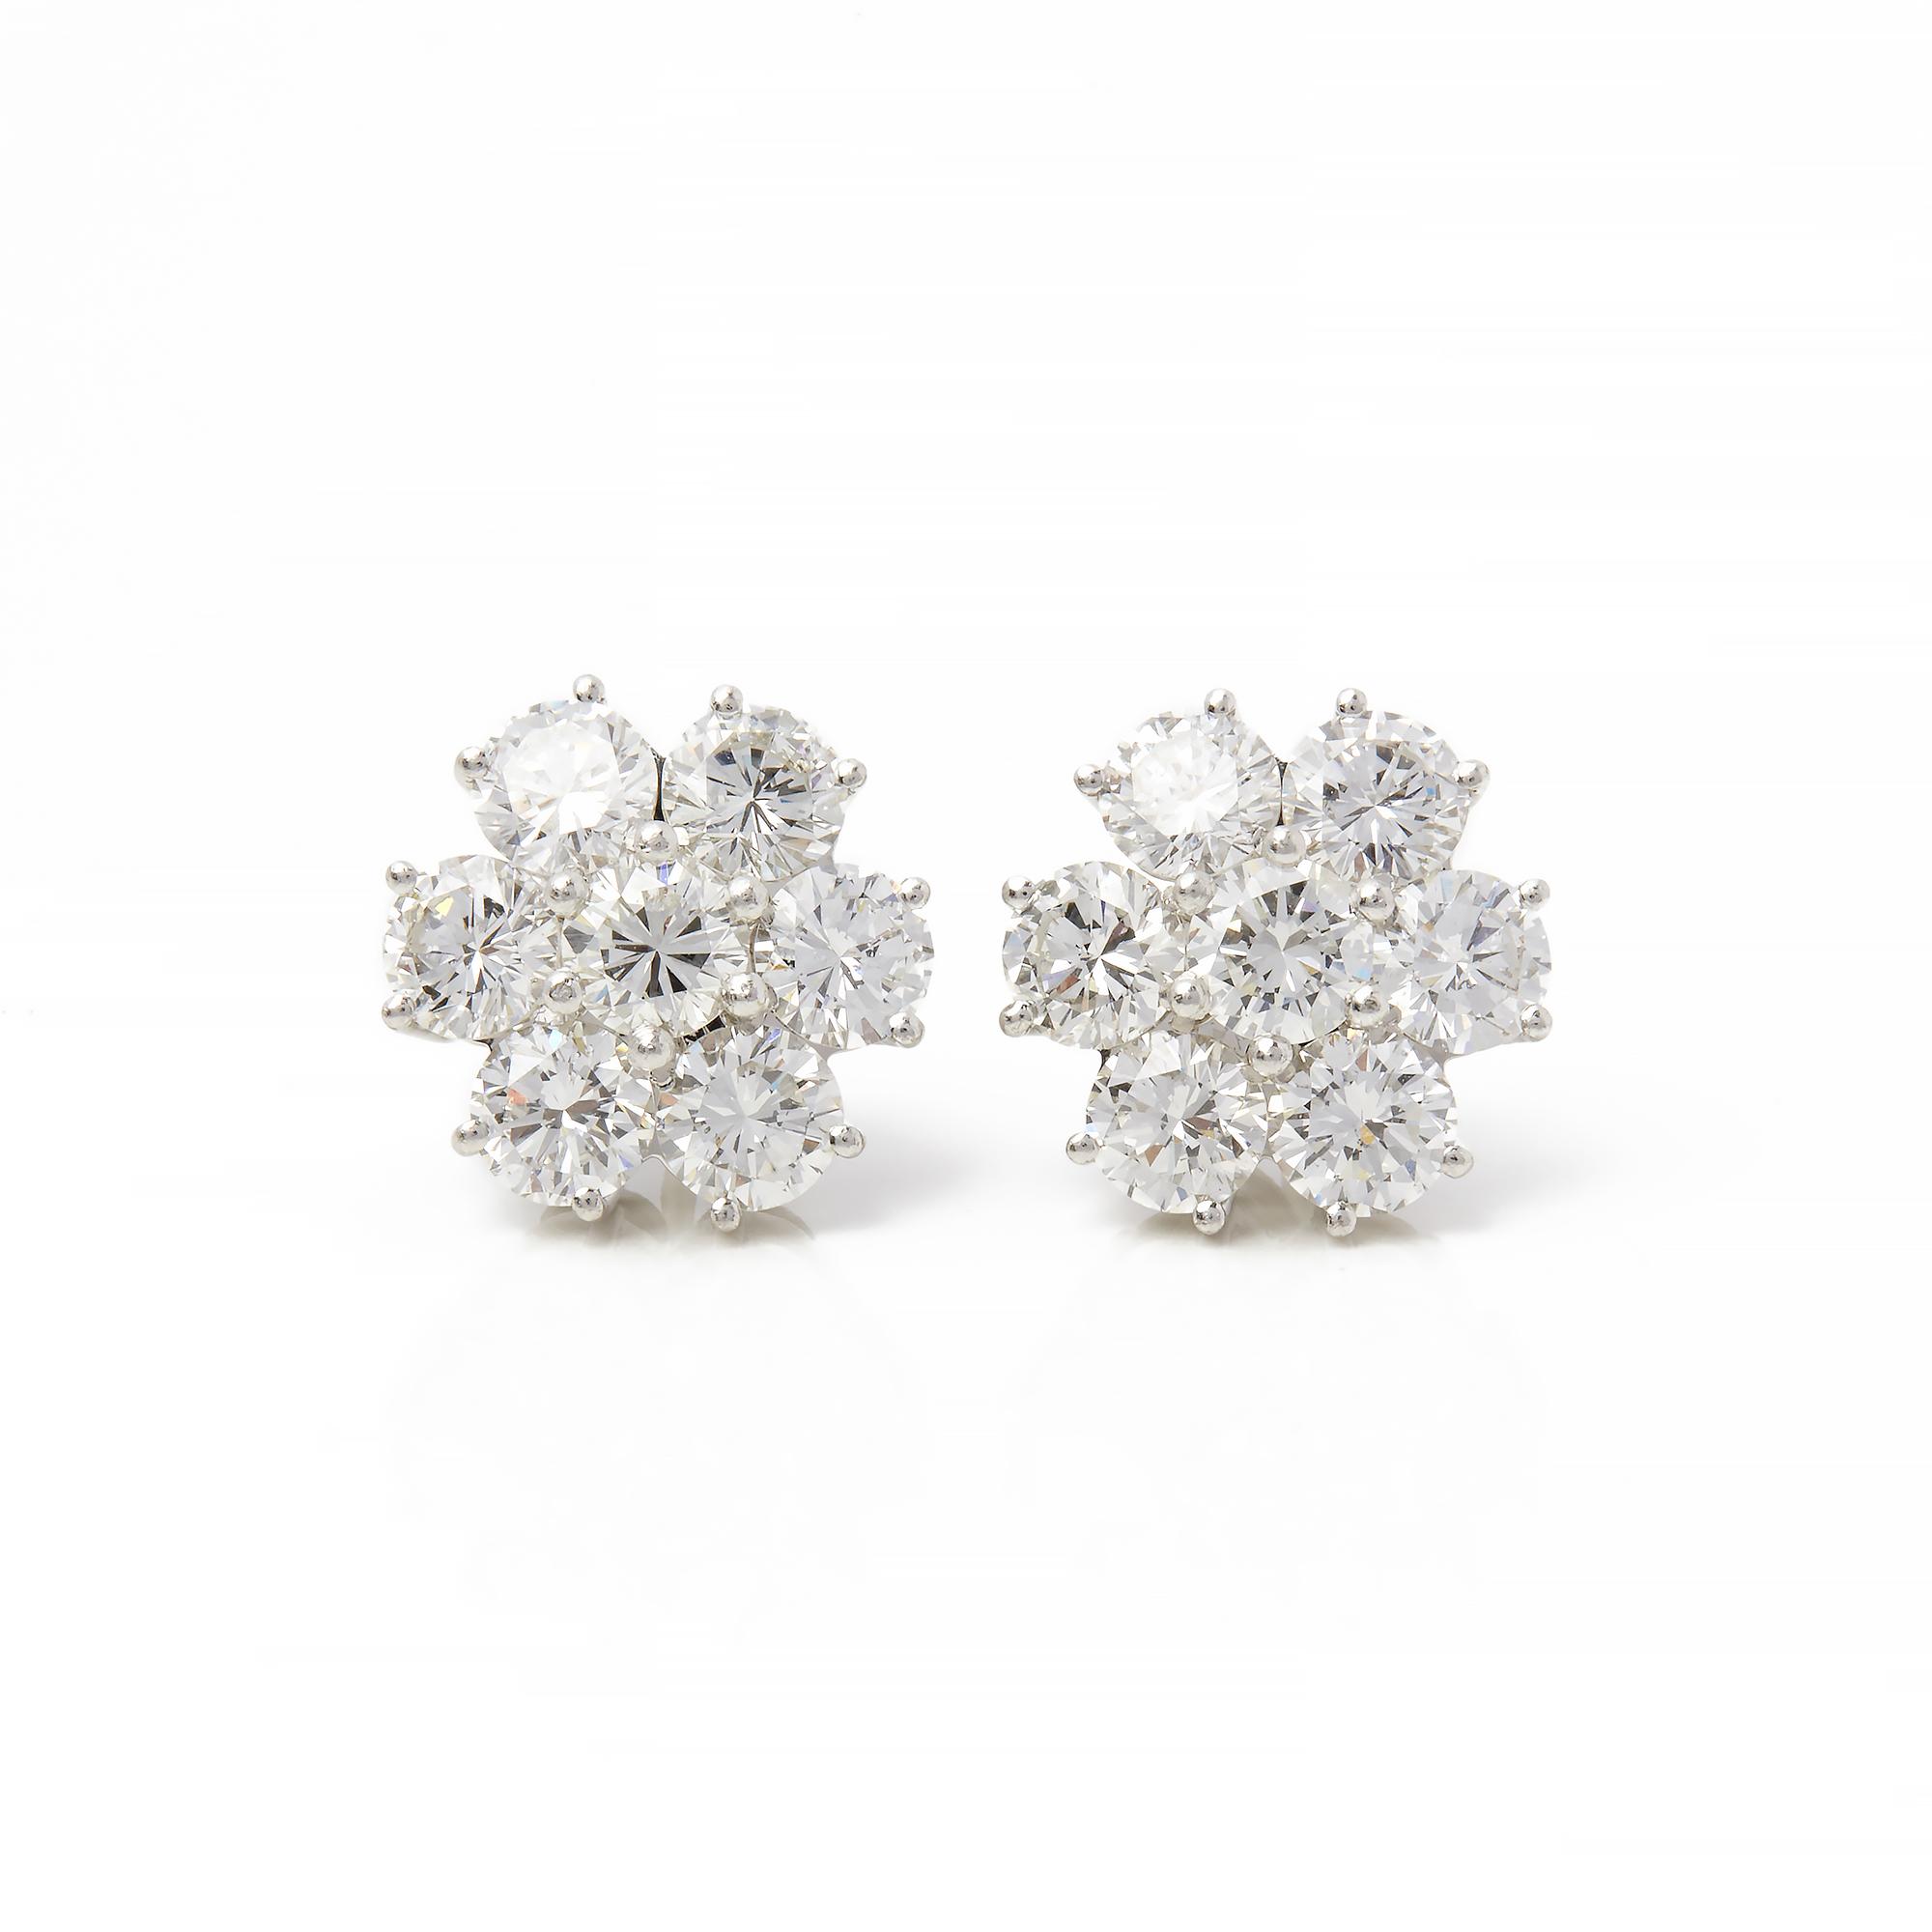 d9922864d6d40d BOODLES 18K WHITE GOLD DIAMOND CLUSTER STUD EARRINGS COM2177   eBay